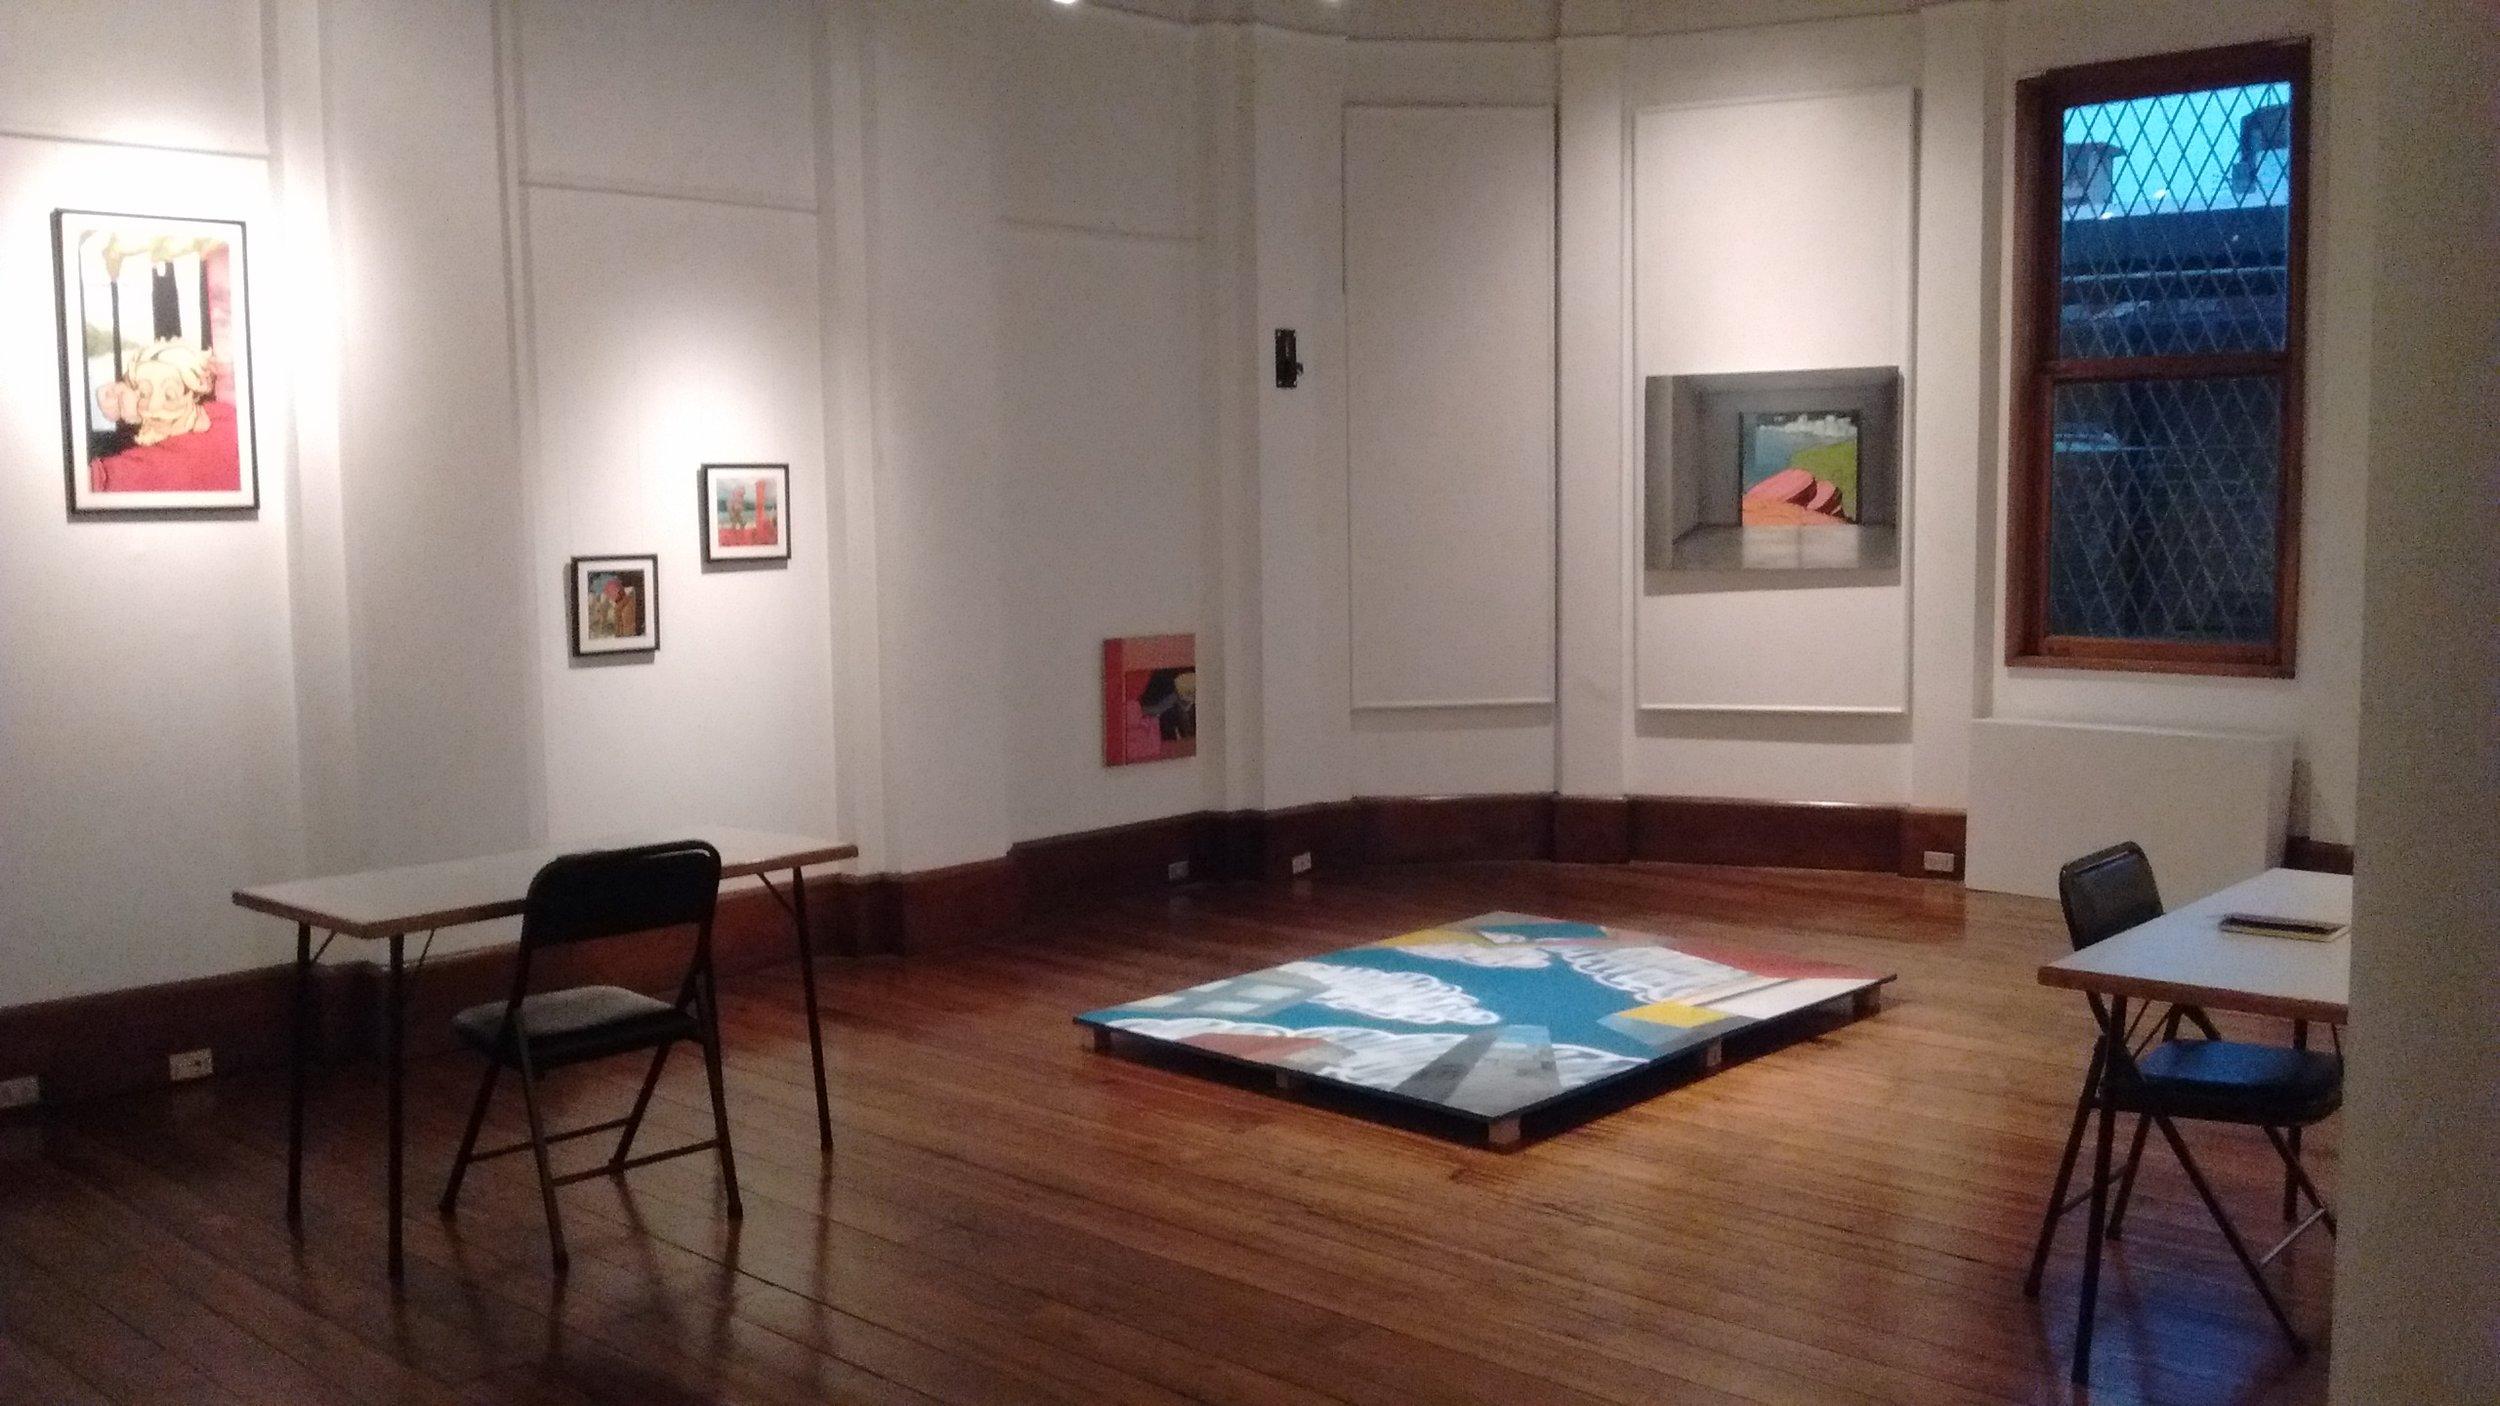 Exposición  Posibilidades de Aleph , Alianza Fracncesa, San José, Costa Rica. 2016.